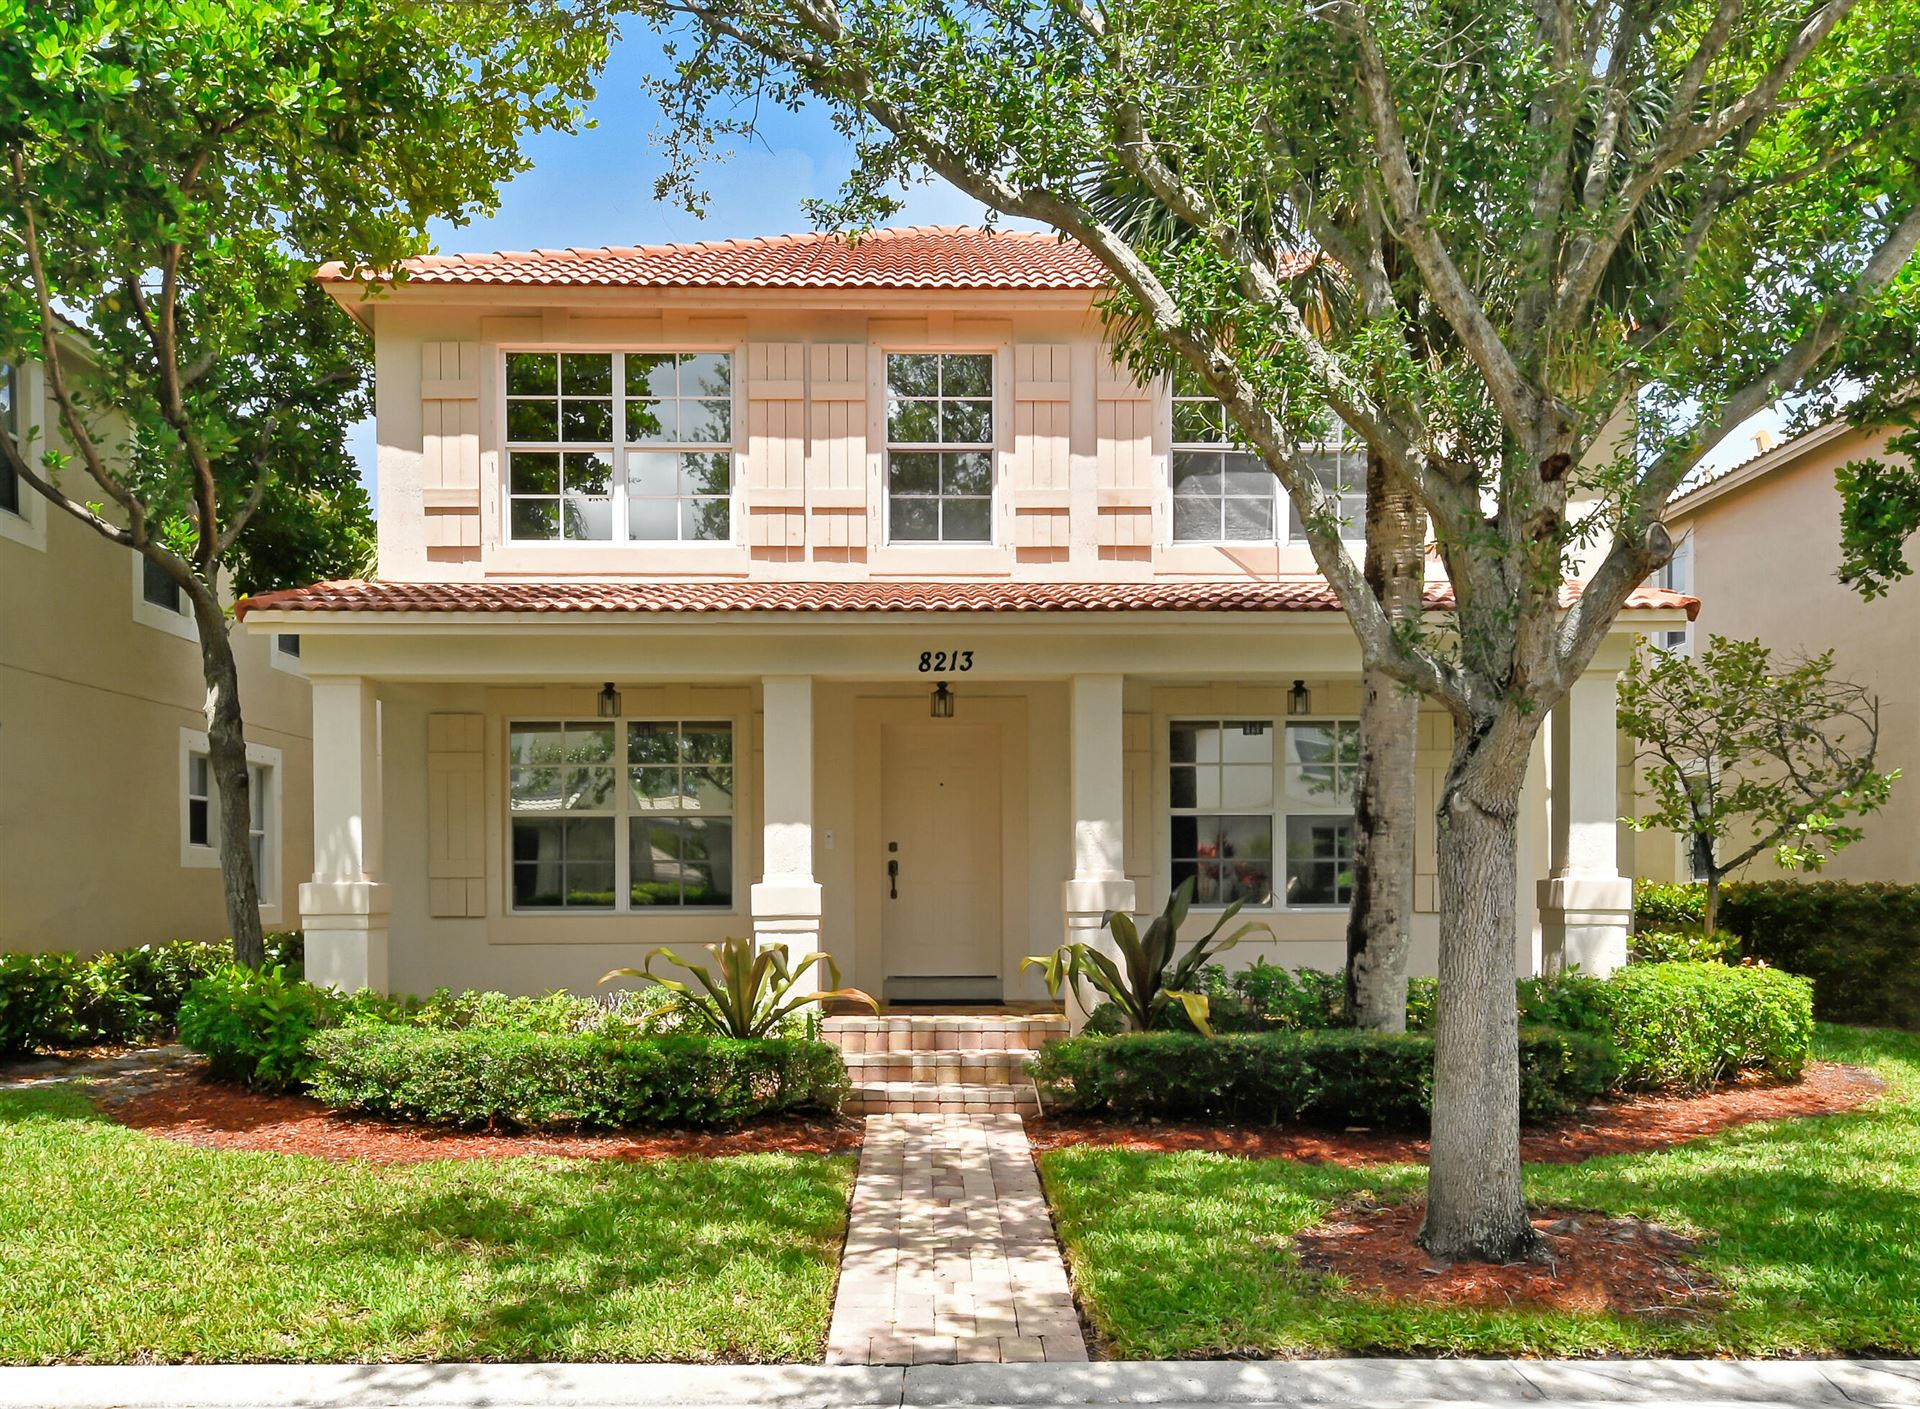 Photo of 8213 Calterra Drive, Palm Beach Gardens, FL 33418 (MLS # RX-10722279)